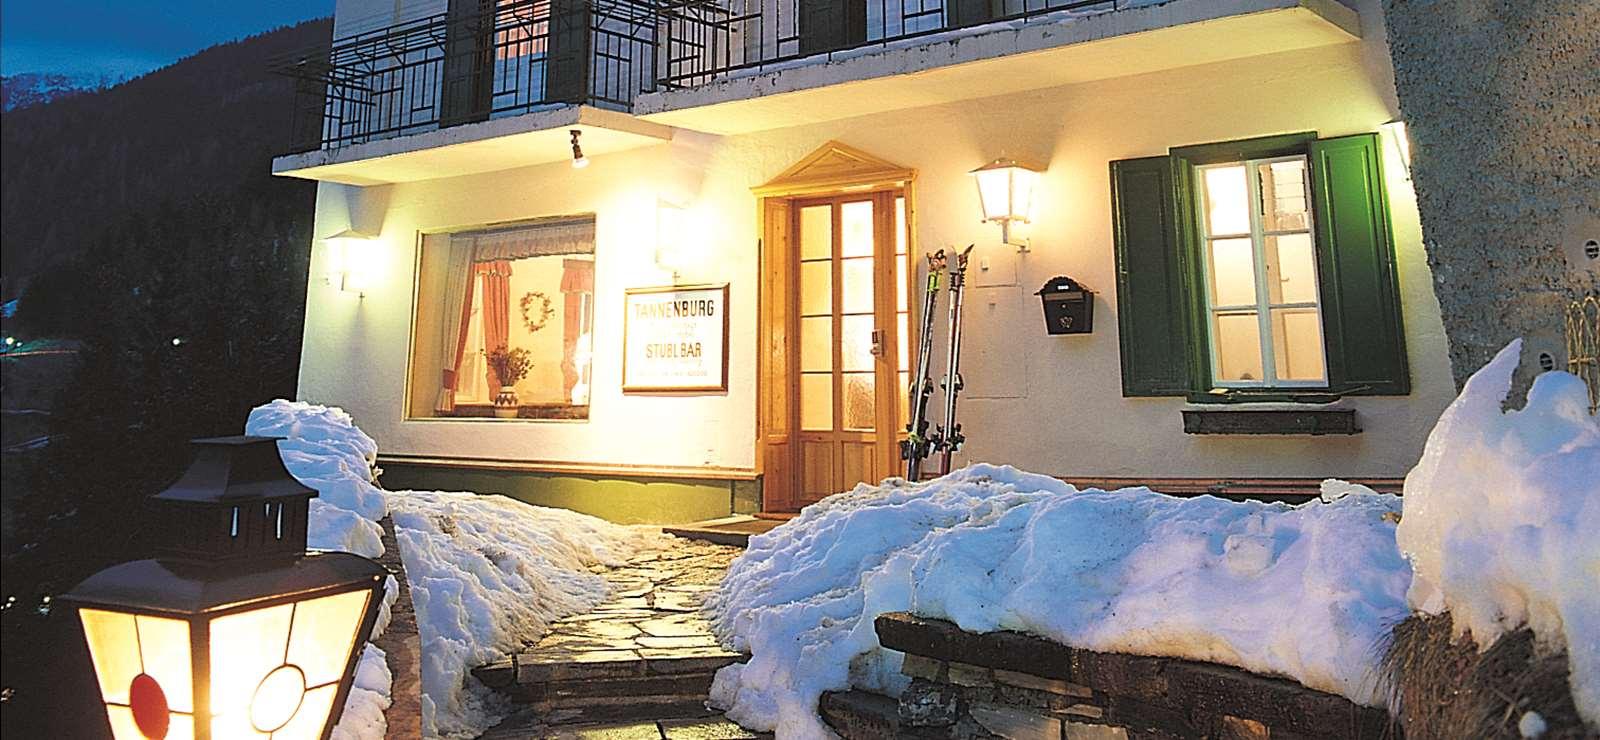 Chalet-Hotel Tannenburg in Bad Gastein